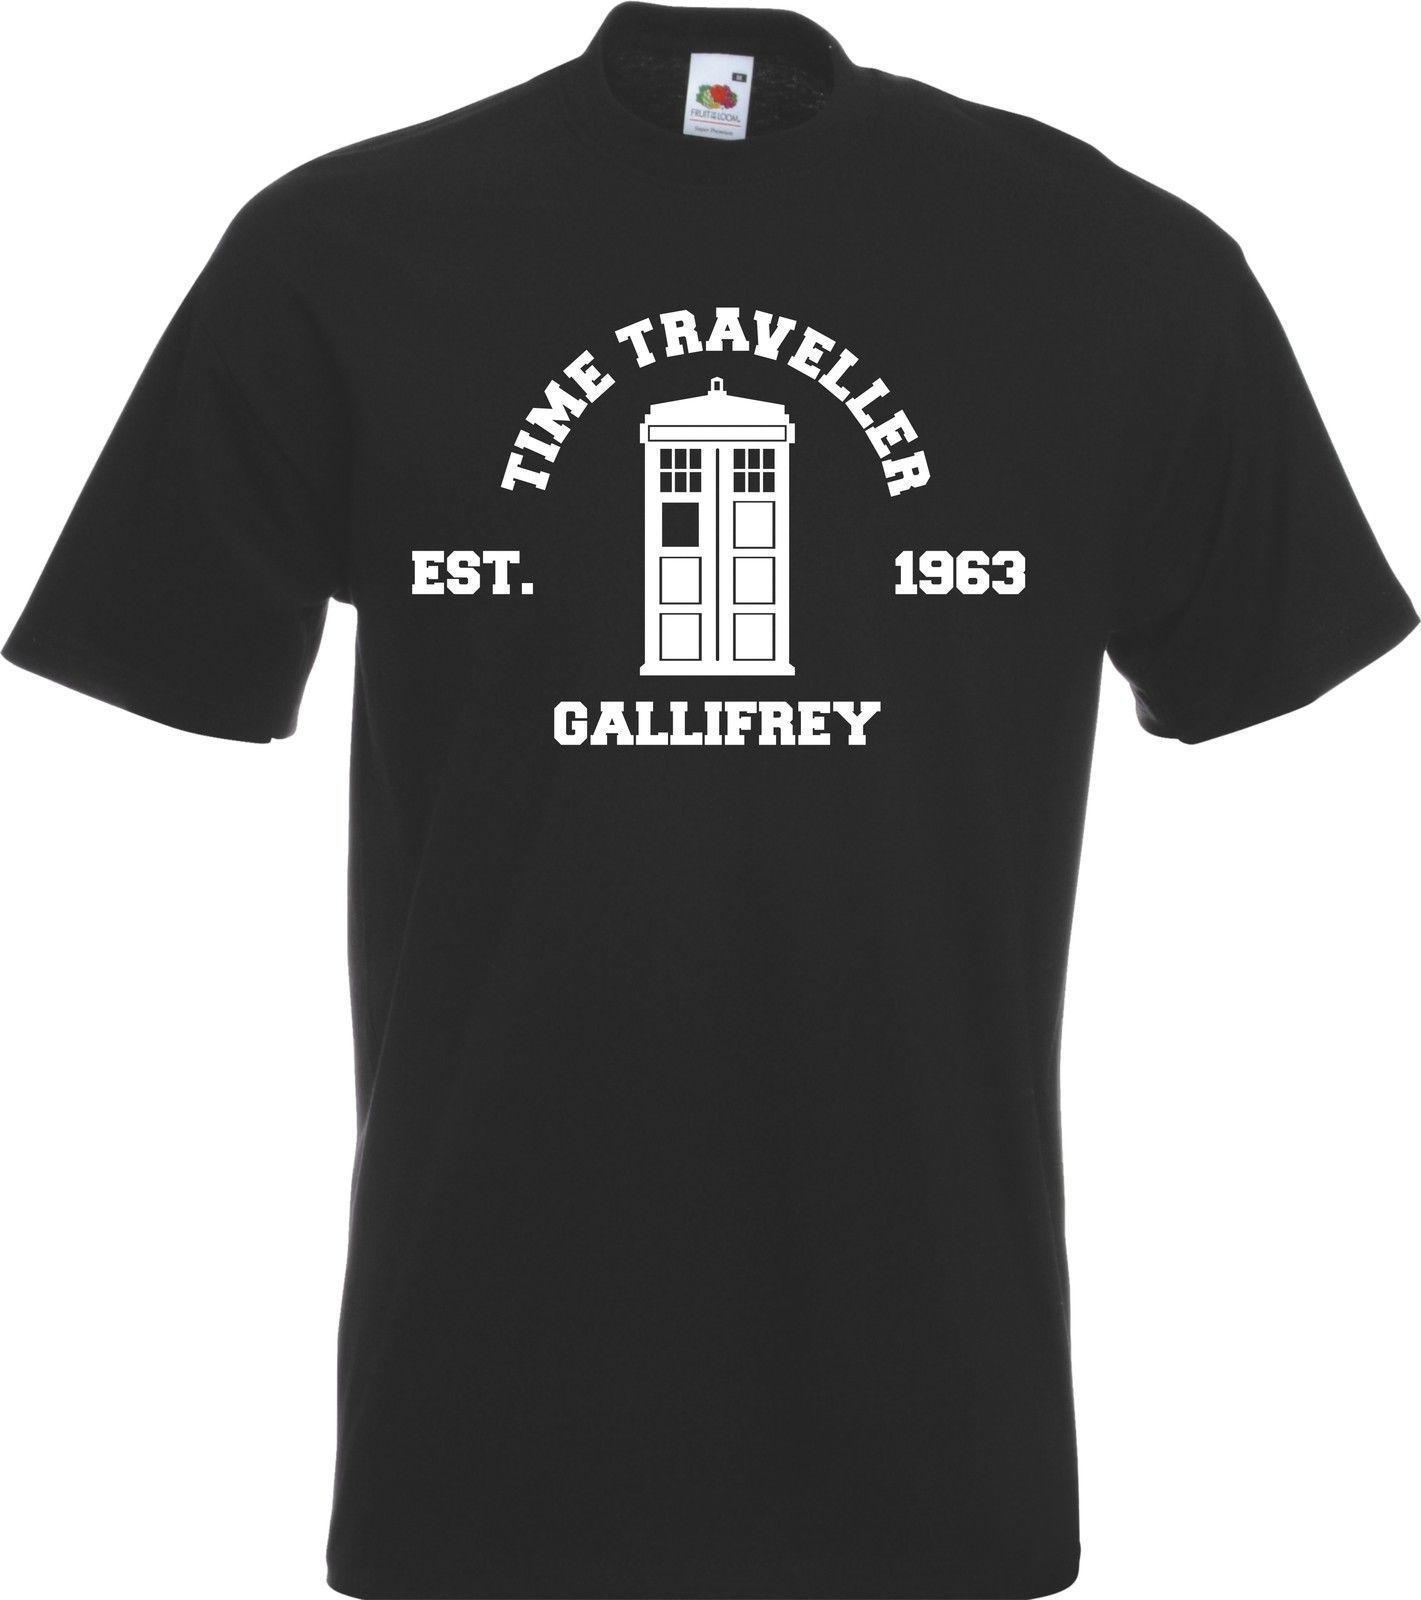 Время путешественников Галлифрей dr повелитель вдохновленные кто футболка все СЗС,